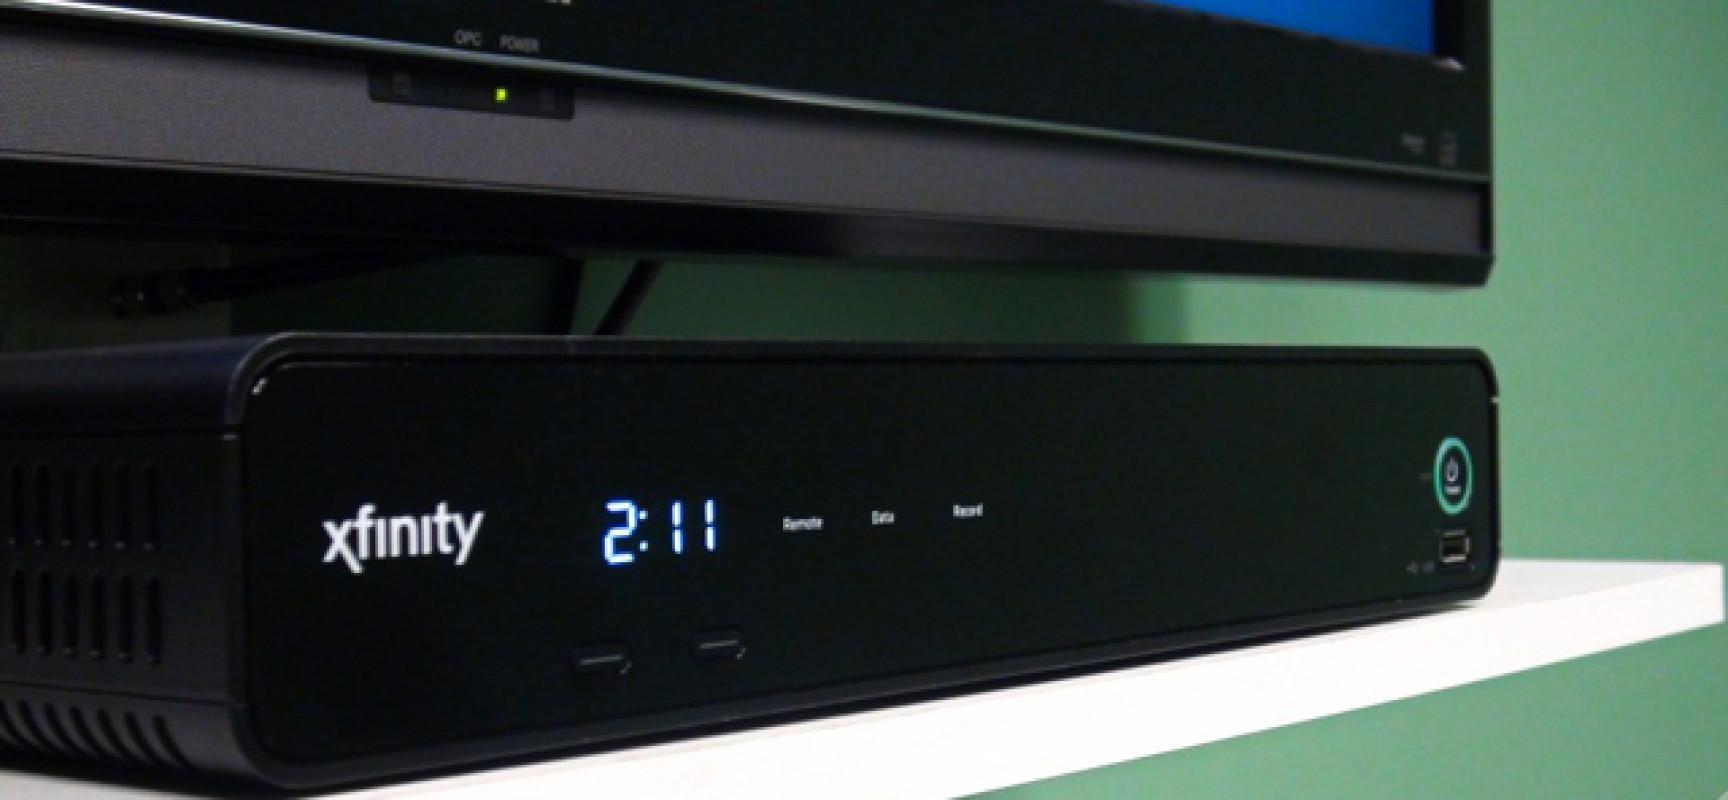 The Expansion of Comcast's Cloud DVR